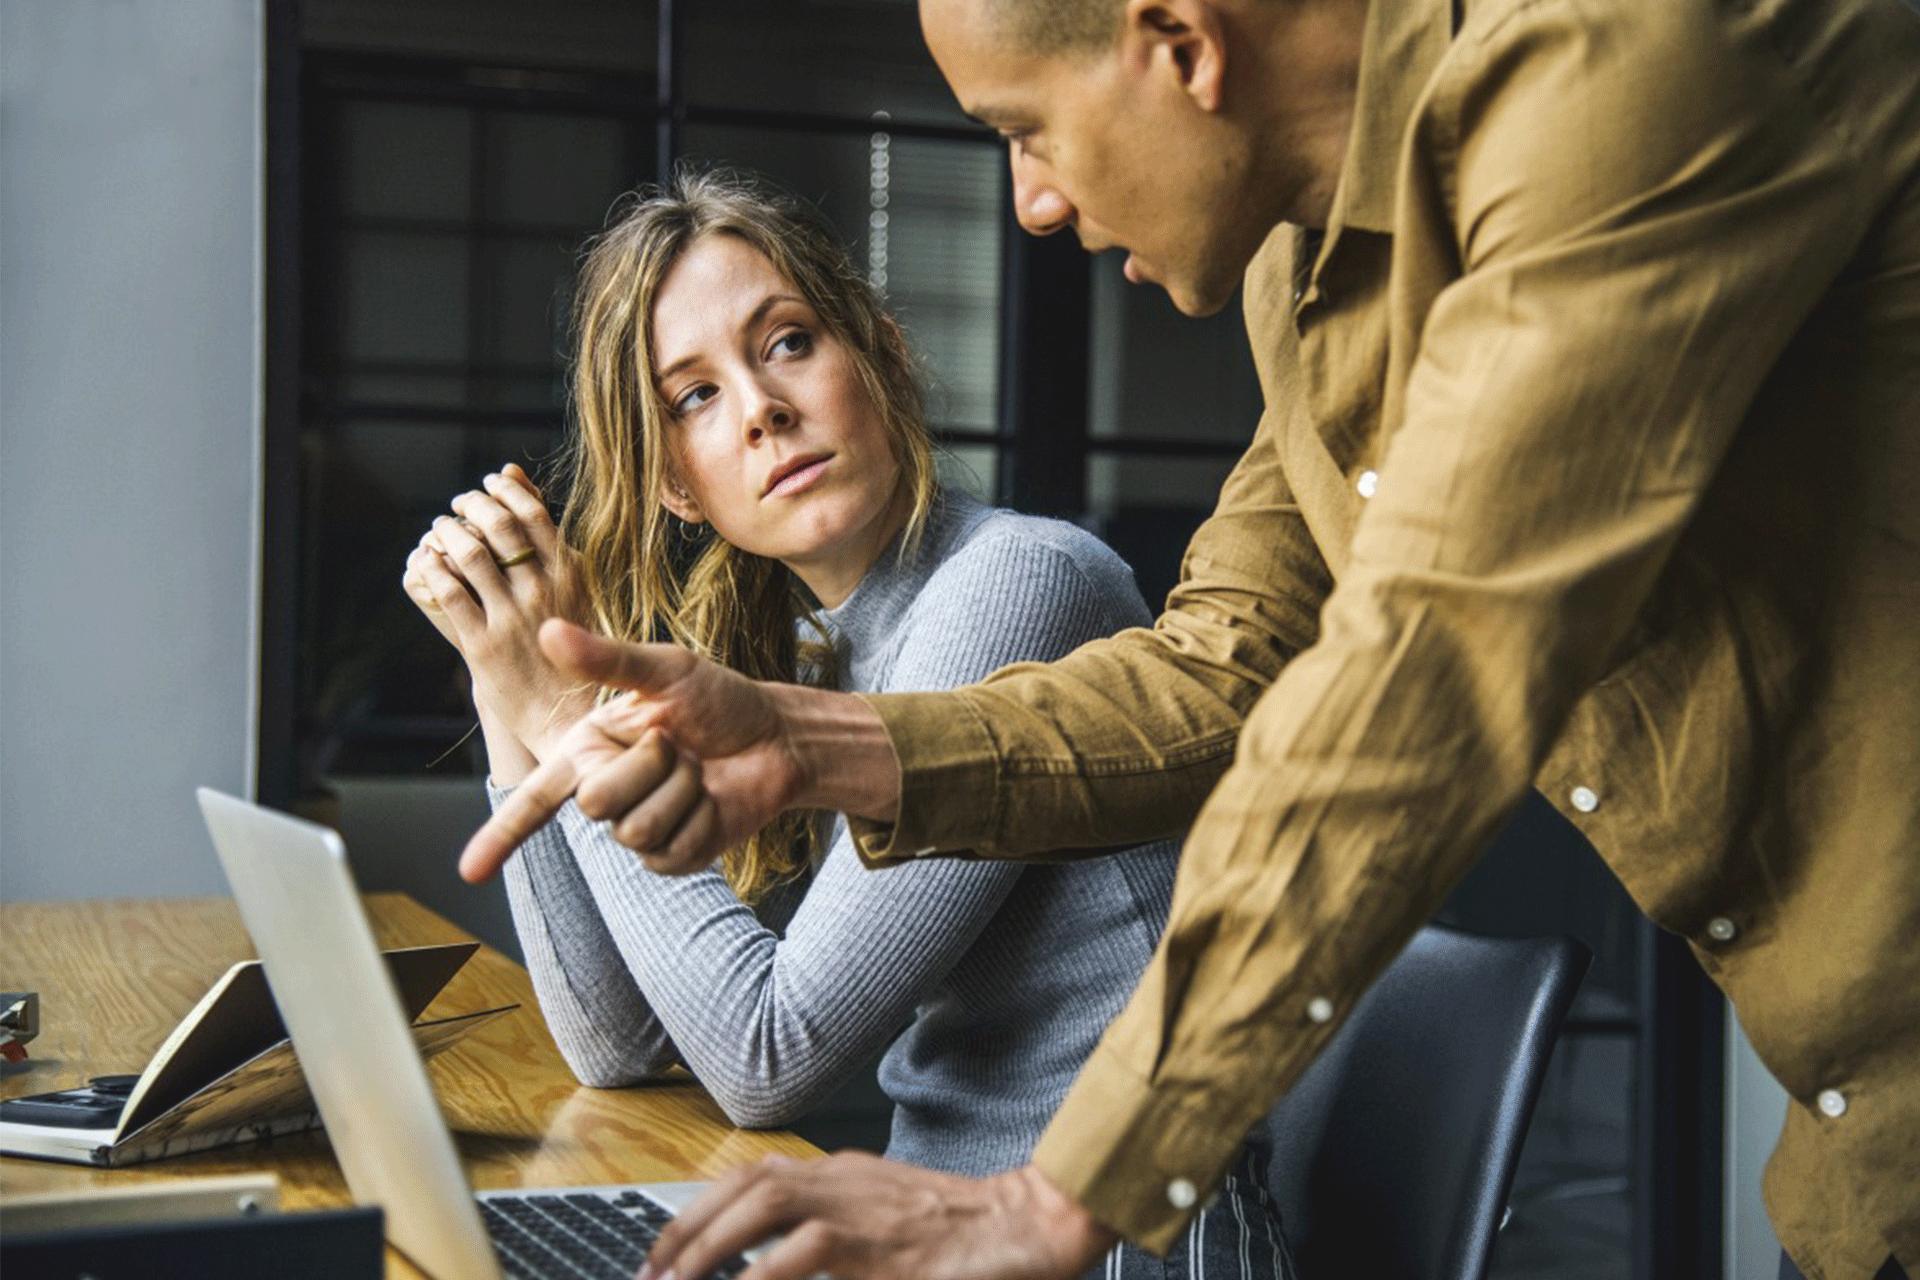 Technicien Support qui aide une utilisatrice sur son ordinateur